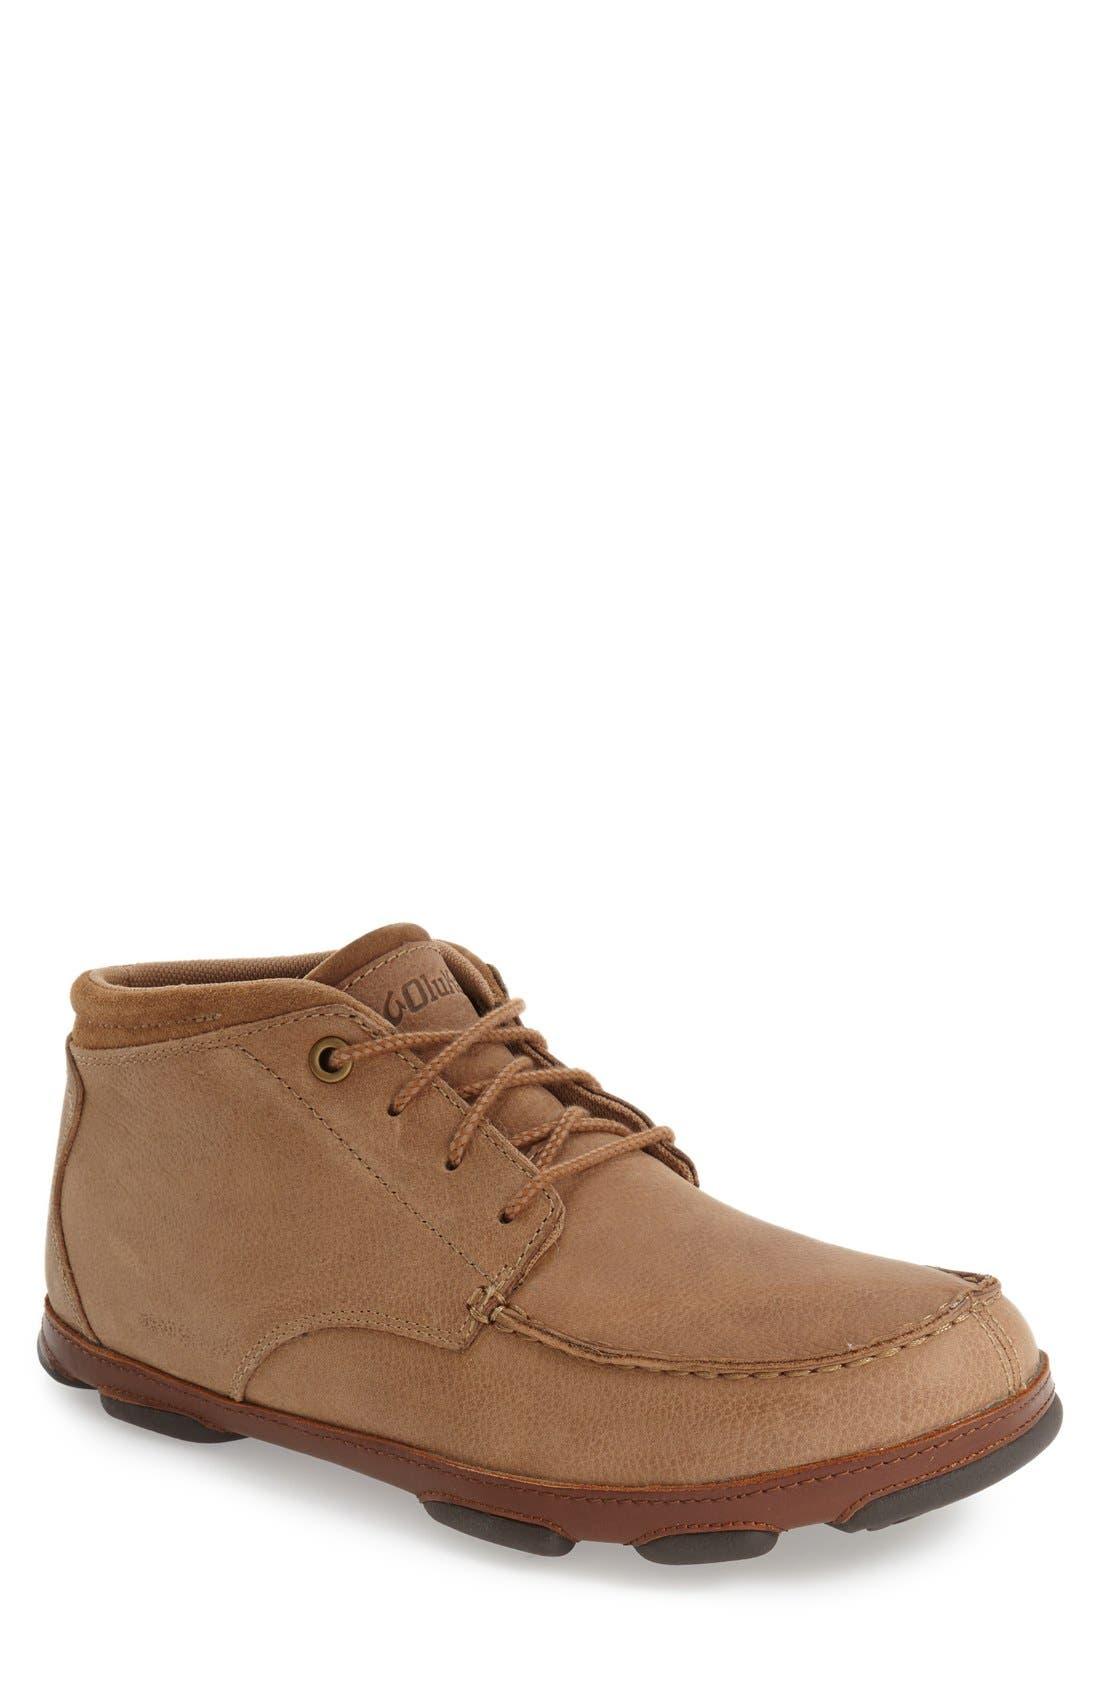 'Hamakua' Moc Toe Boot,                         Main,                         color, Ecru/ Toffee Leather